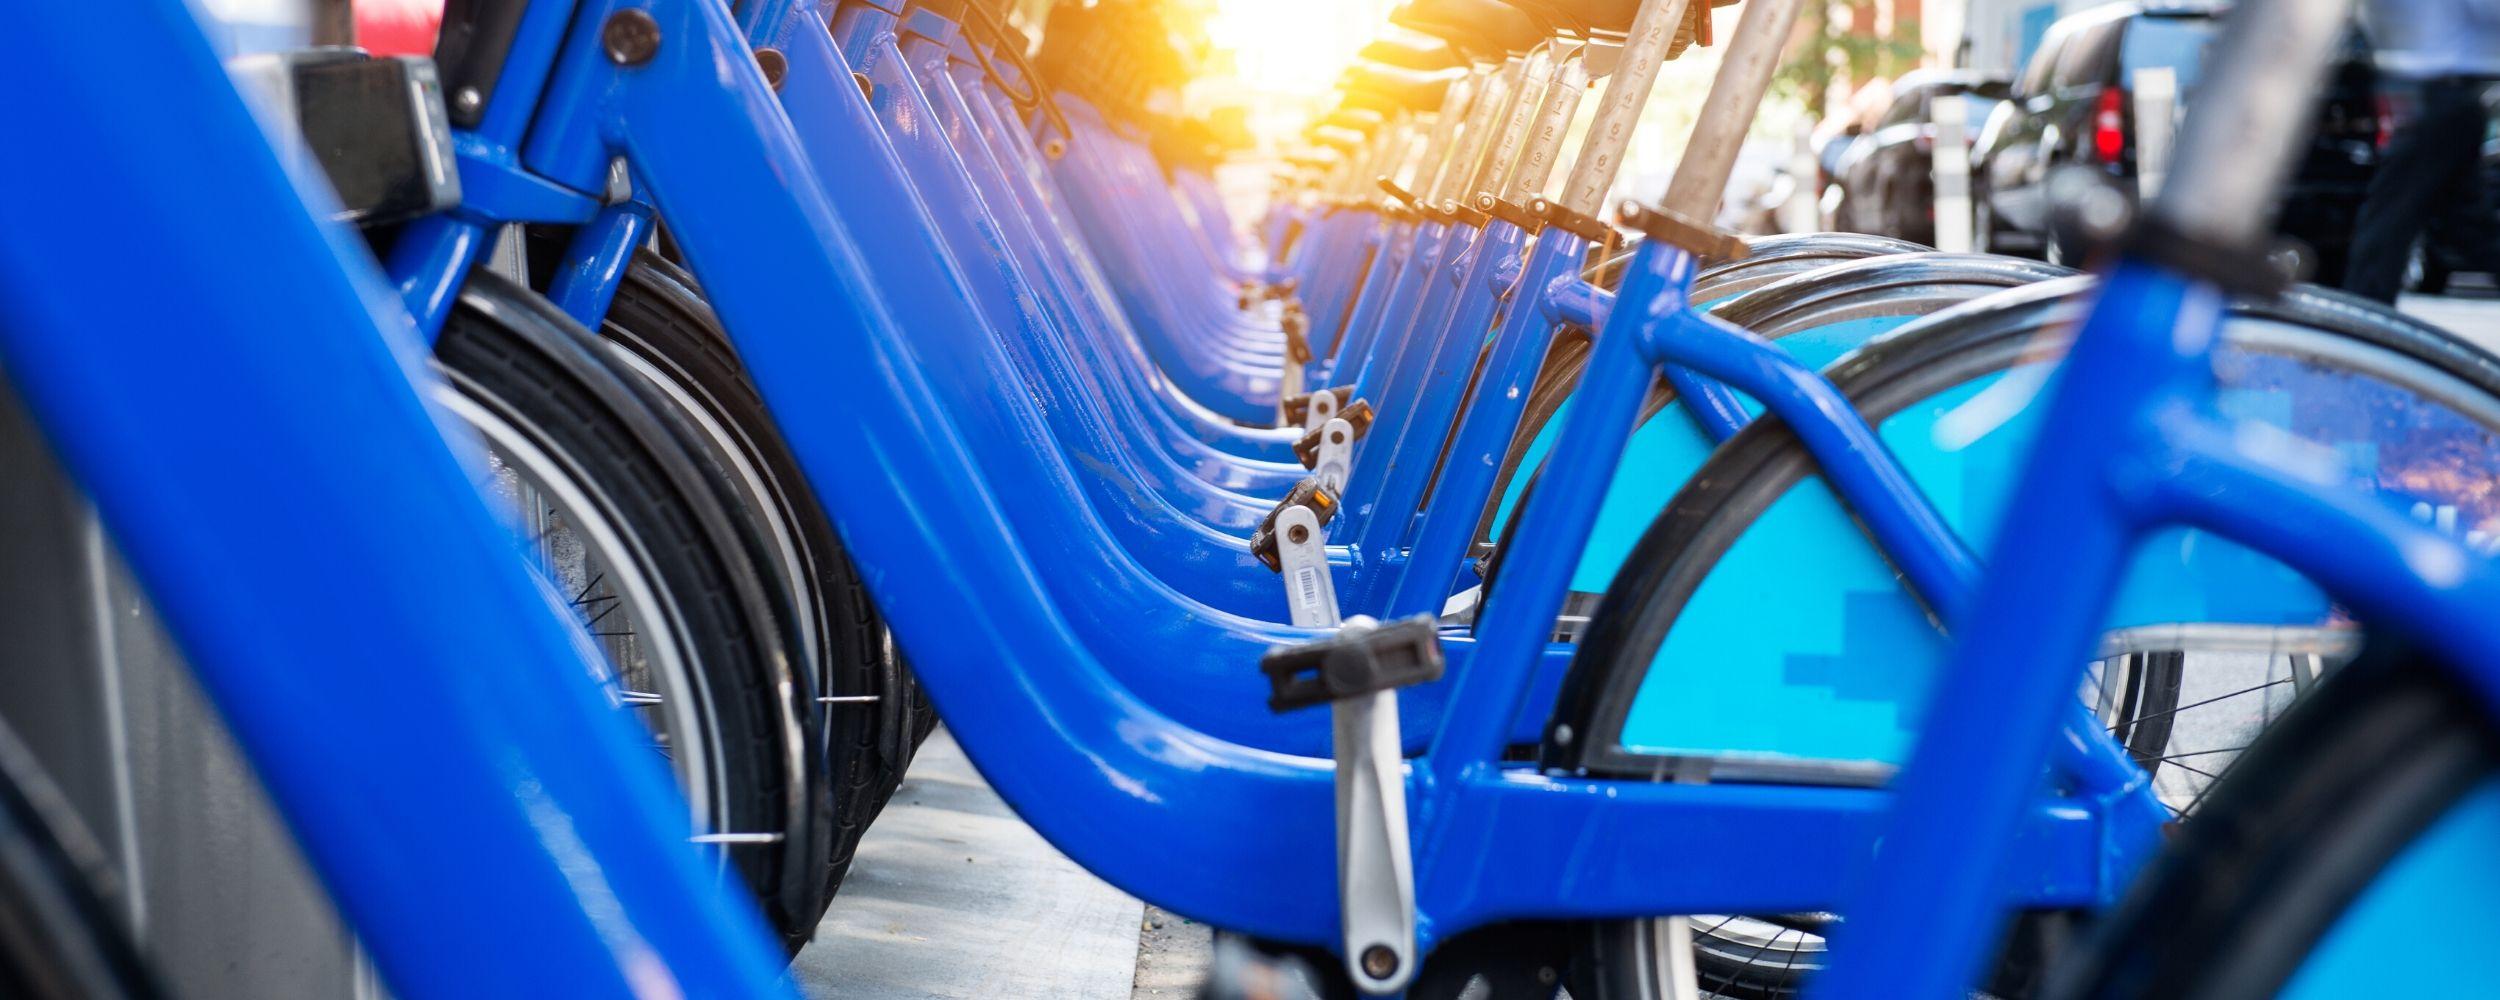 Sistemas de movilidad sostenible: ervicio público de bicicletas